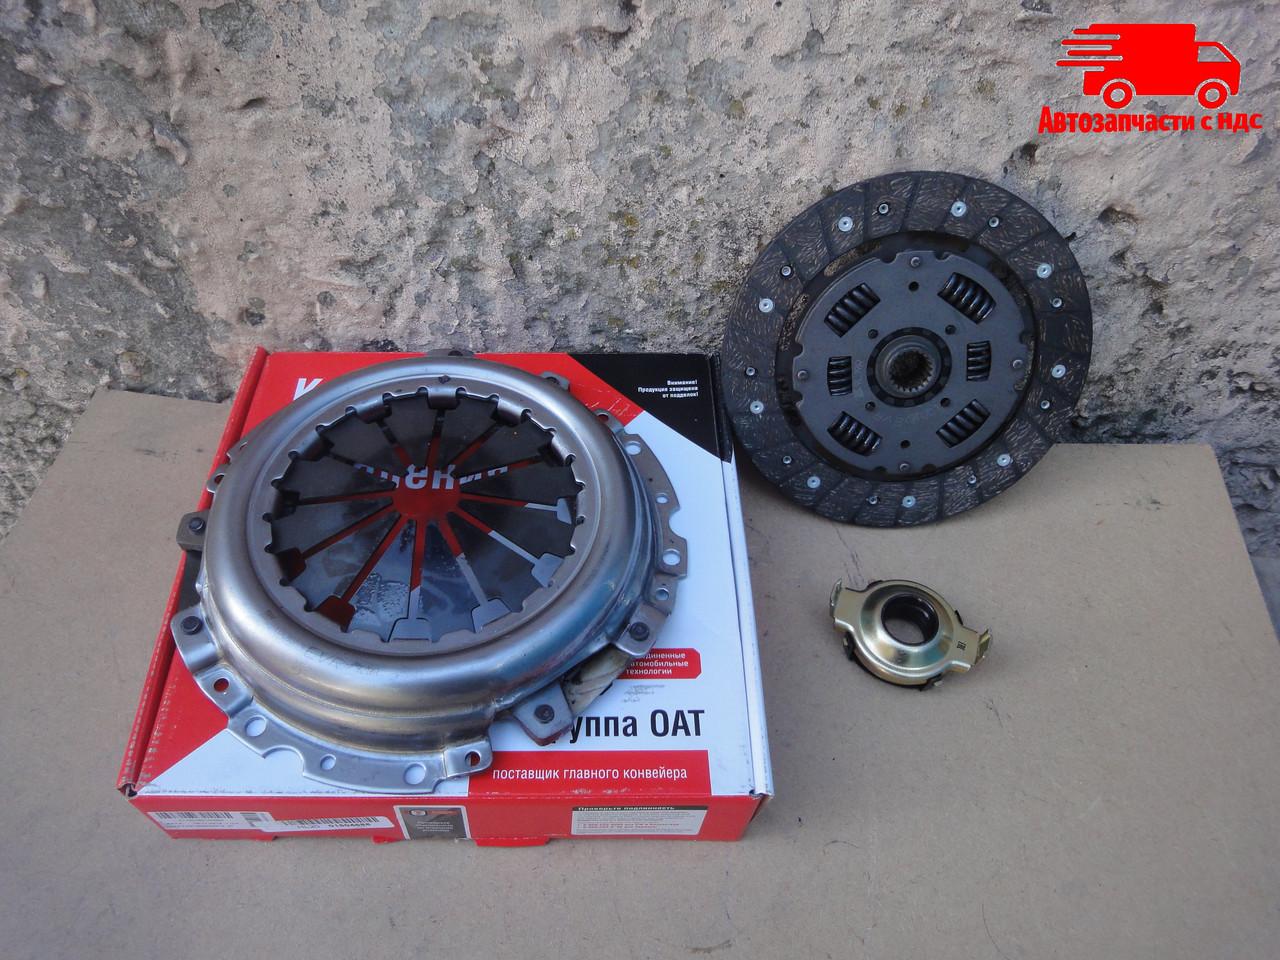 Сцепление комплект ВАЗ 2110, 2111, 2112 (диск + корзина + выжимной подшипник) (пр-во ОАТ-ВИС)